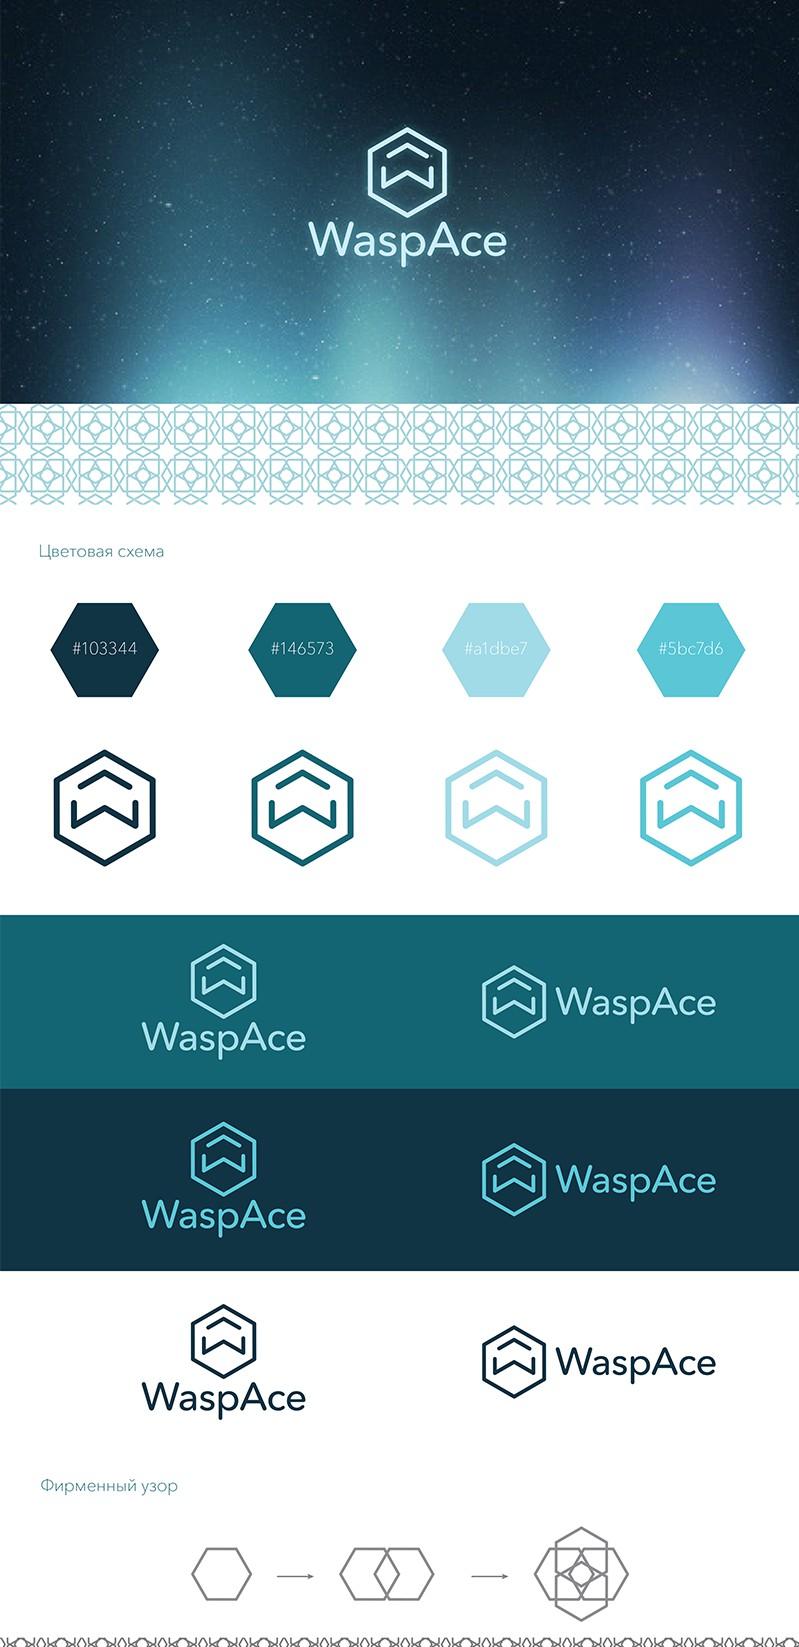 Логотип WaspAce